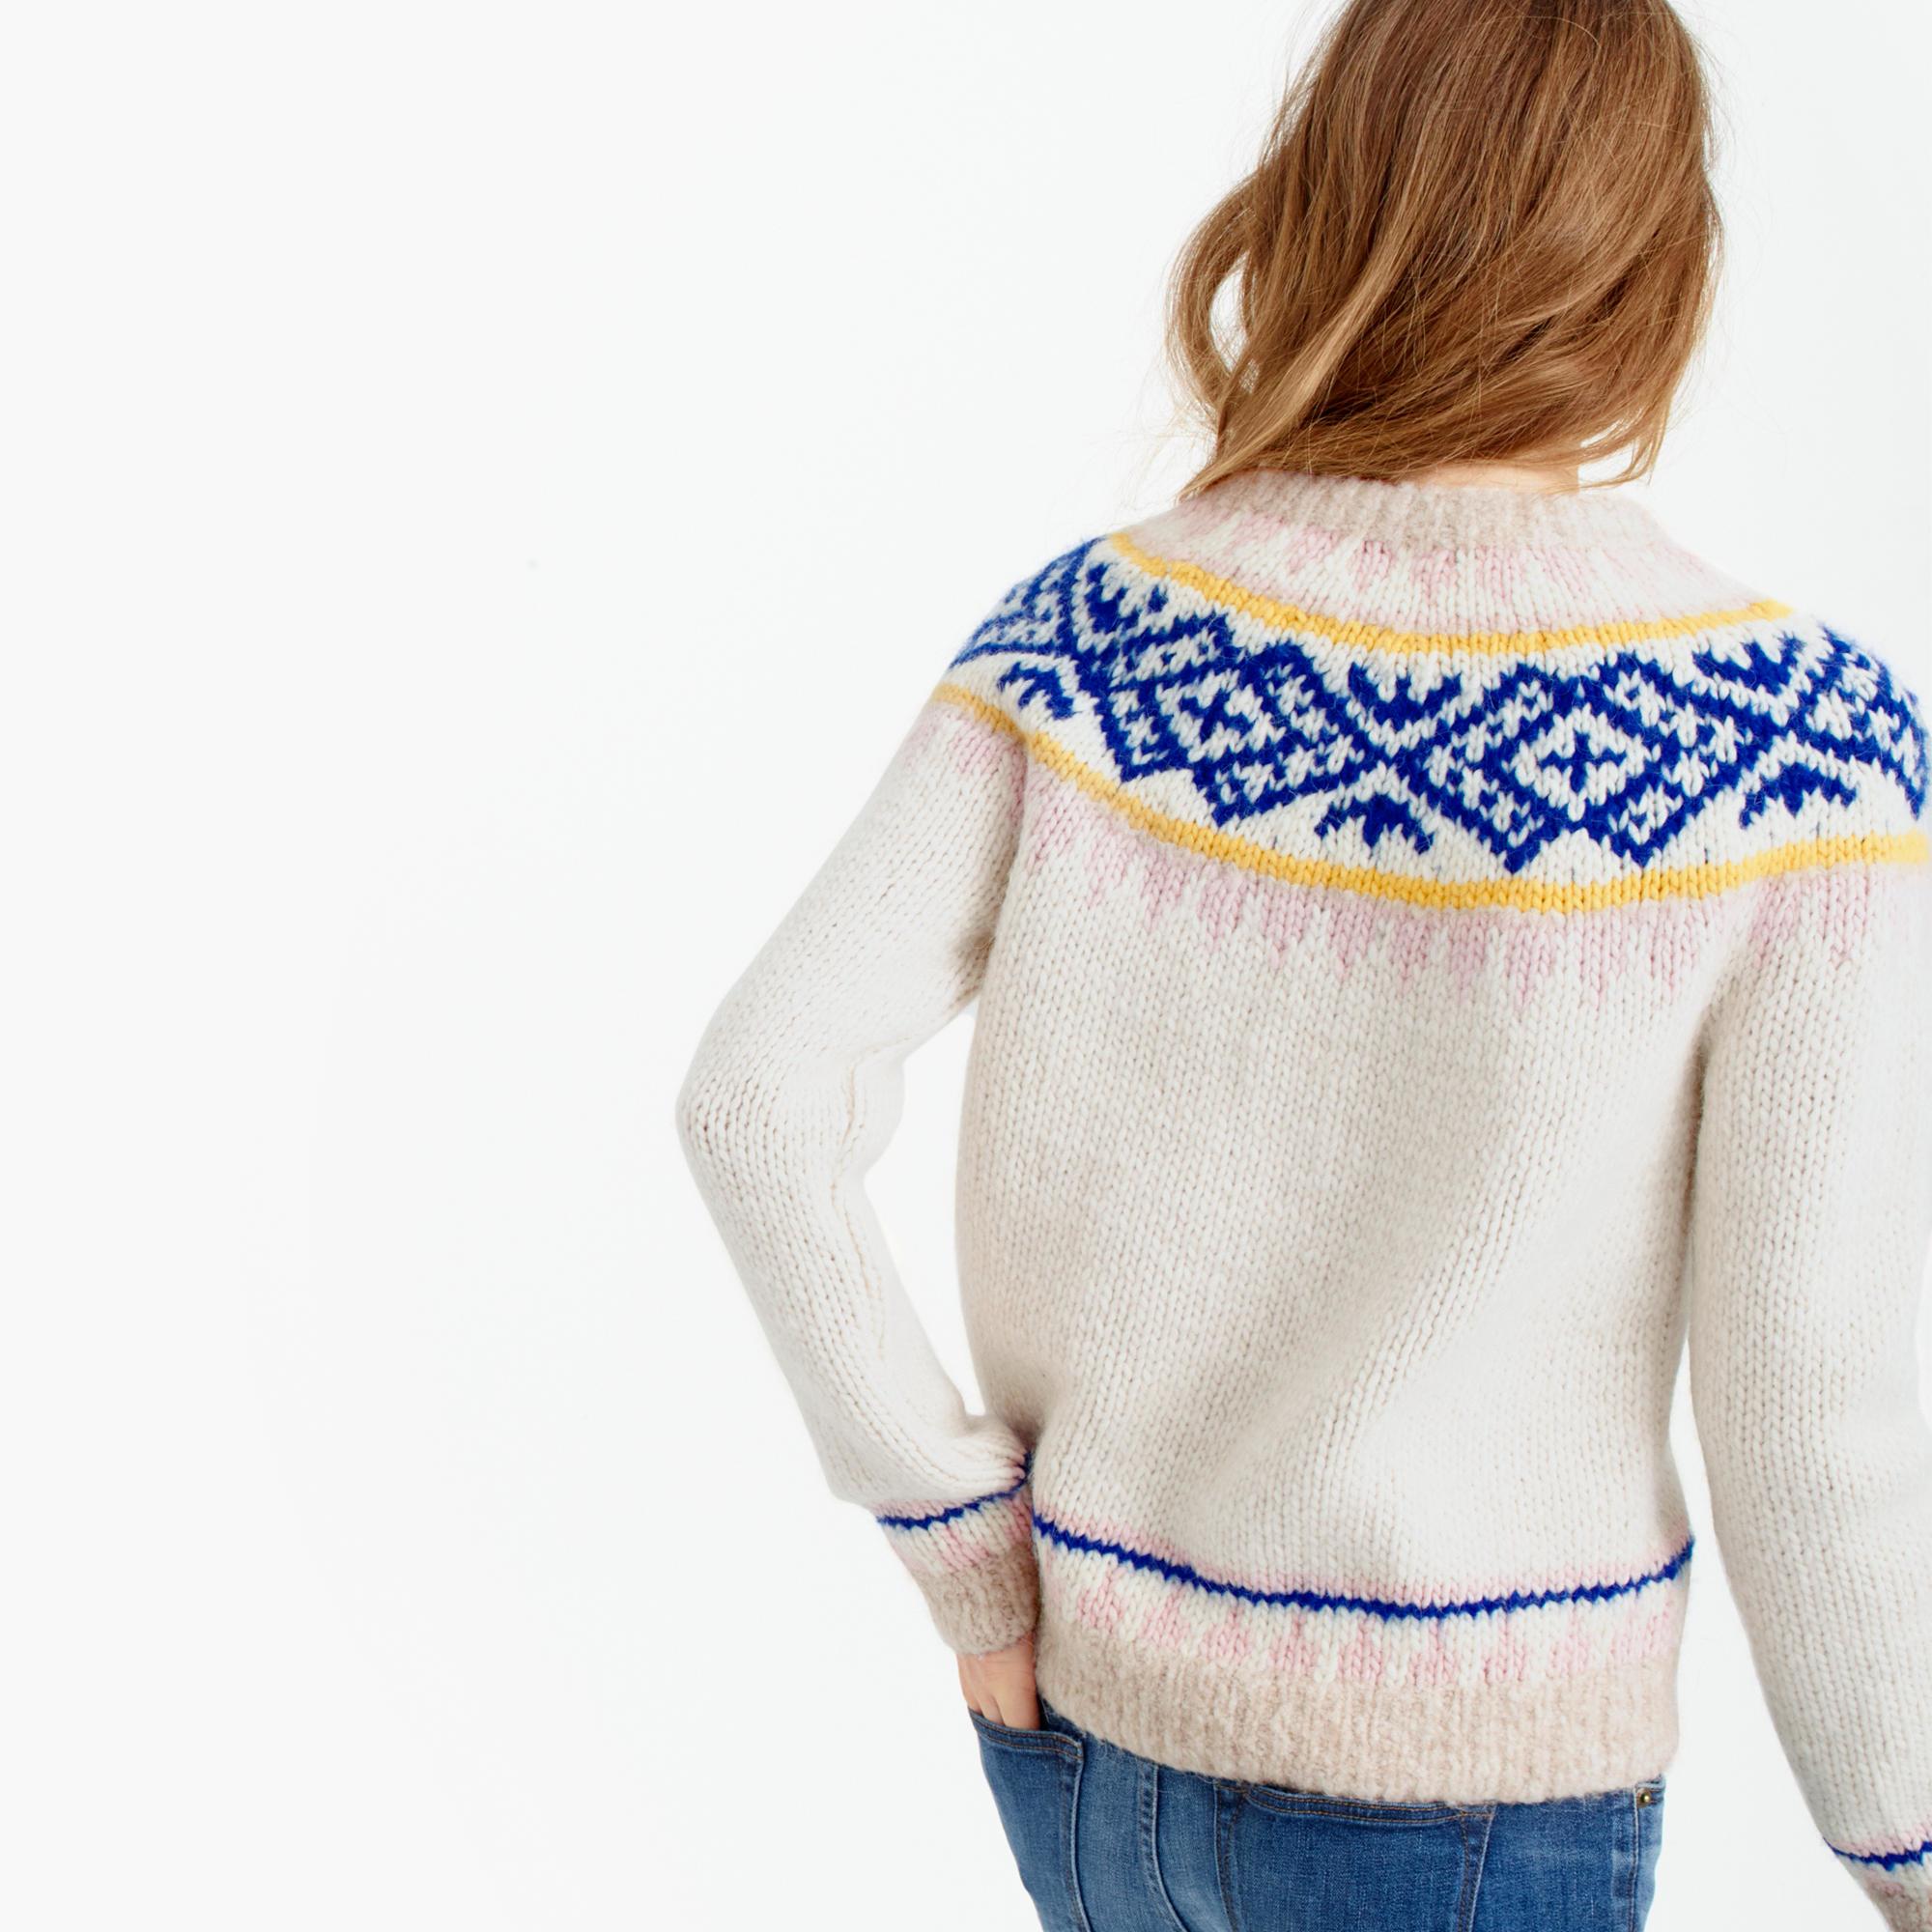 J.crew Collection Fair Isle Sweater In Italian Yarn in Blue | Lyst